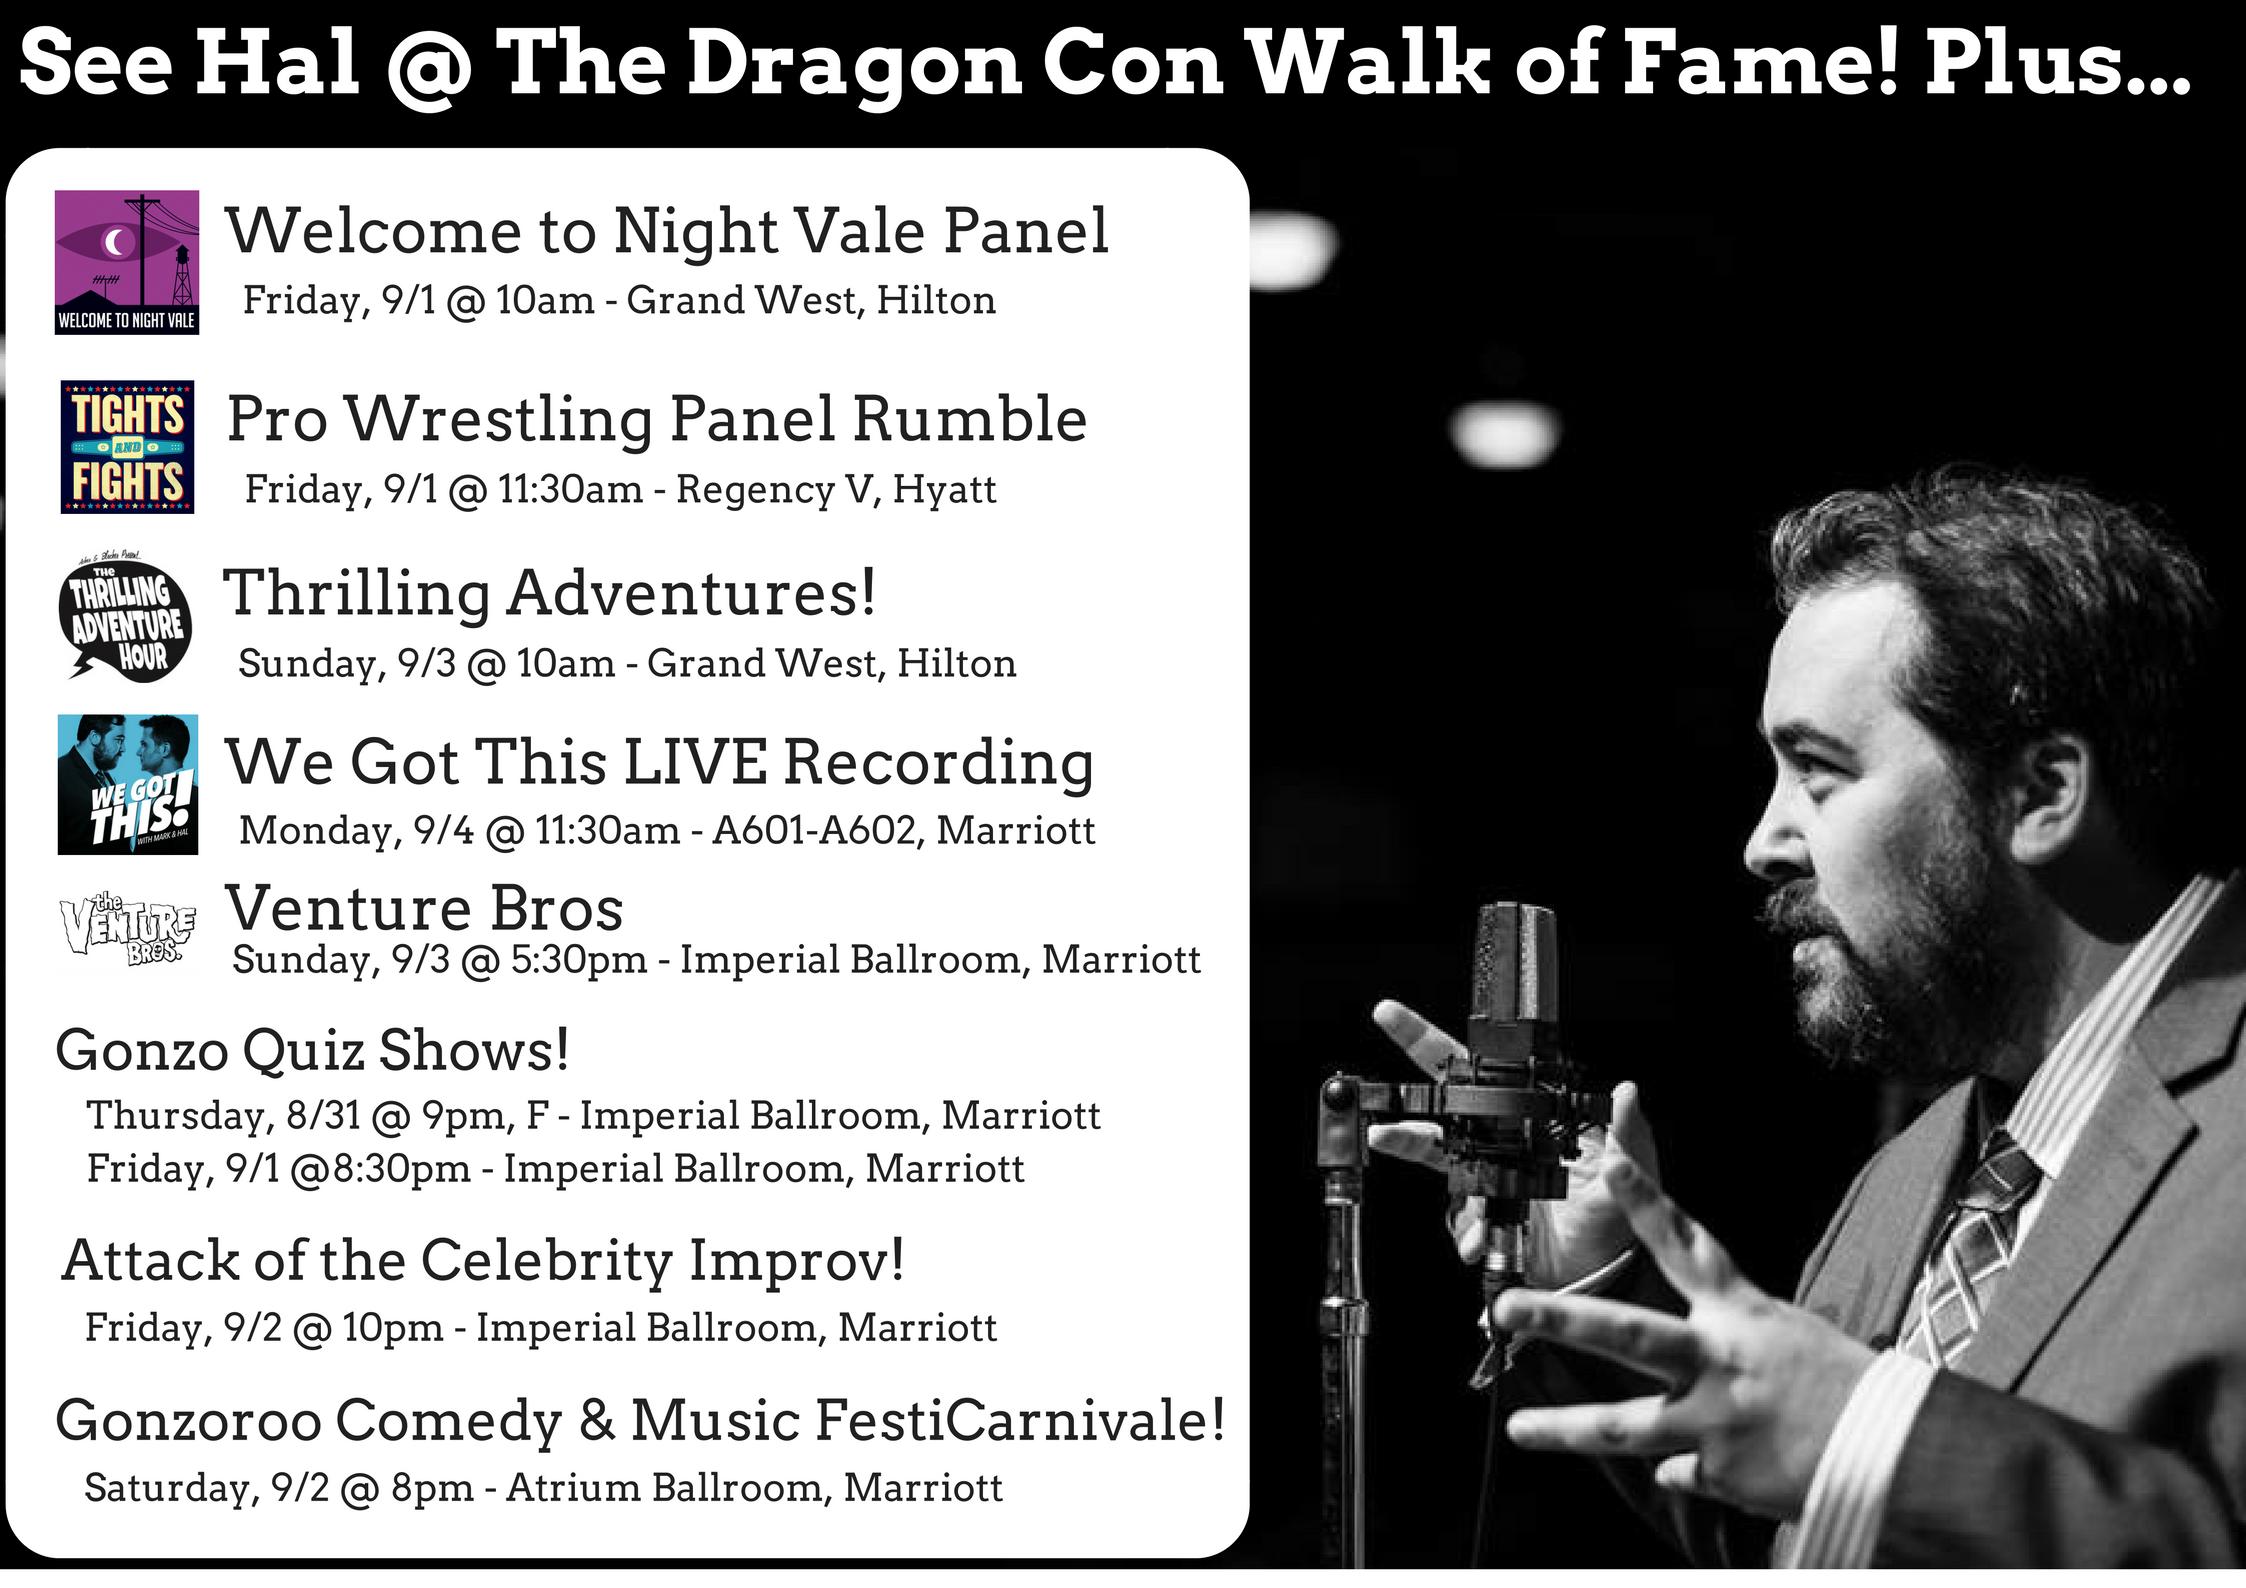 Hal @ Dragoncon.png